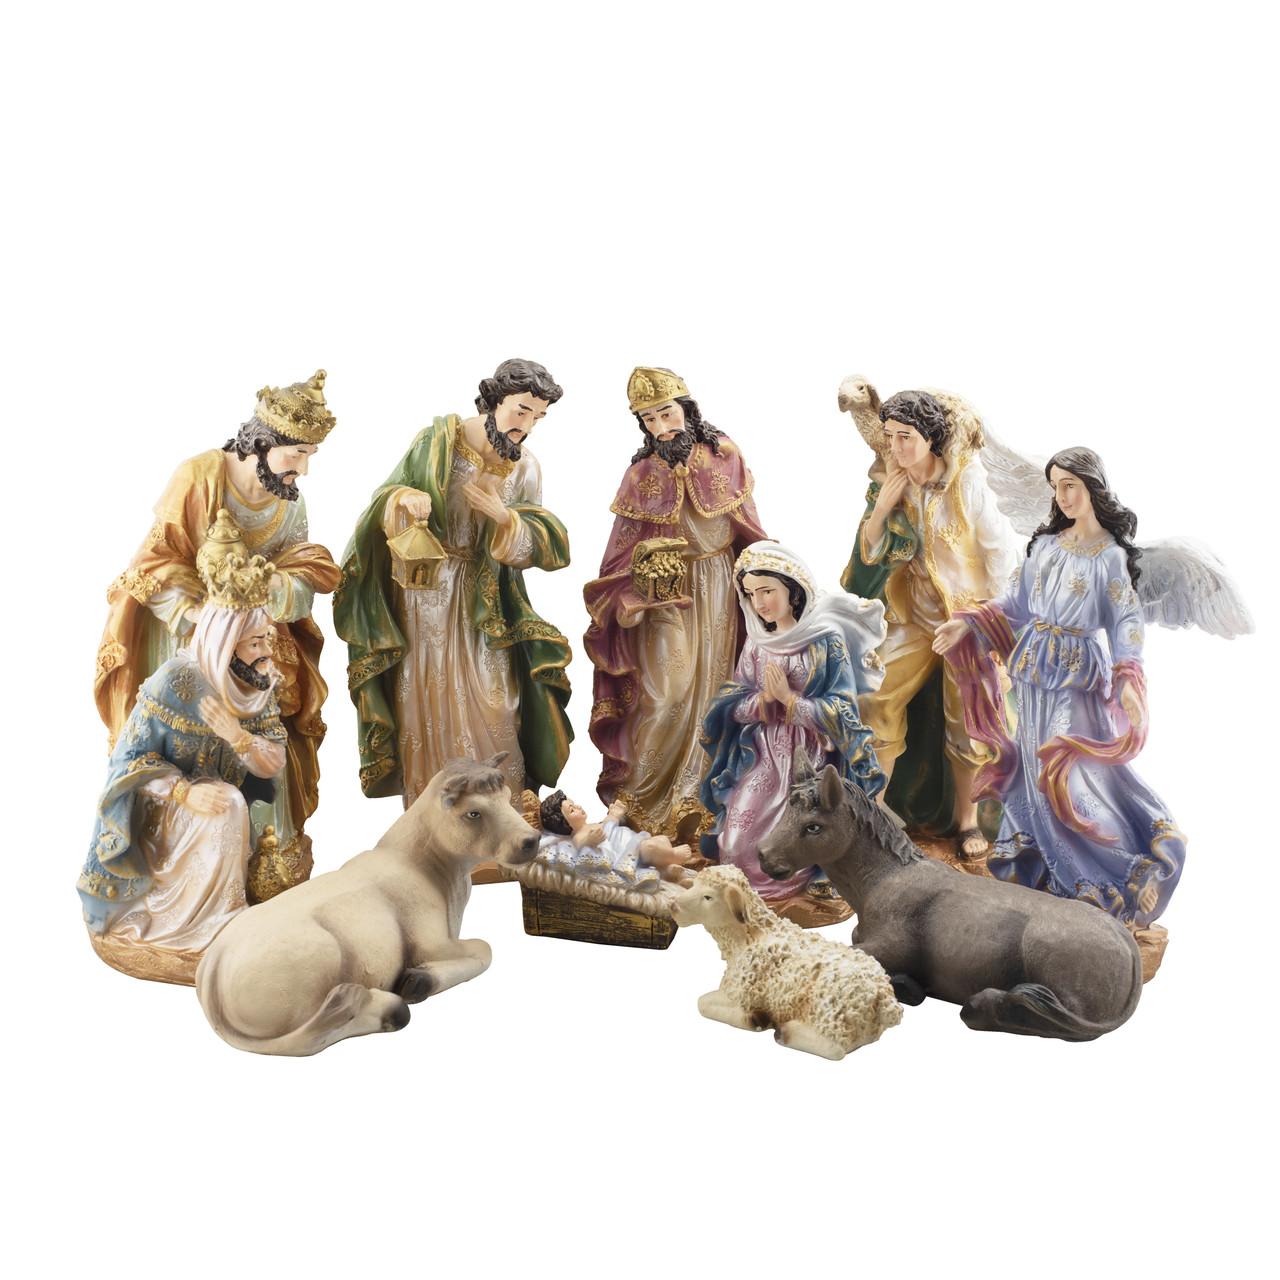 Вертеп рождественский (набор из 11 фигур) (гипс) 40см F9912-1(G)